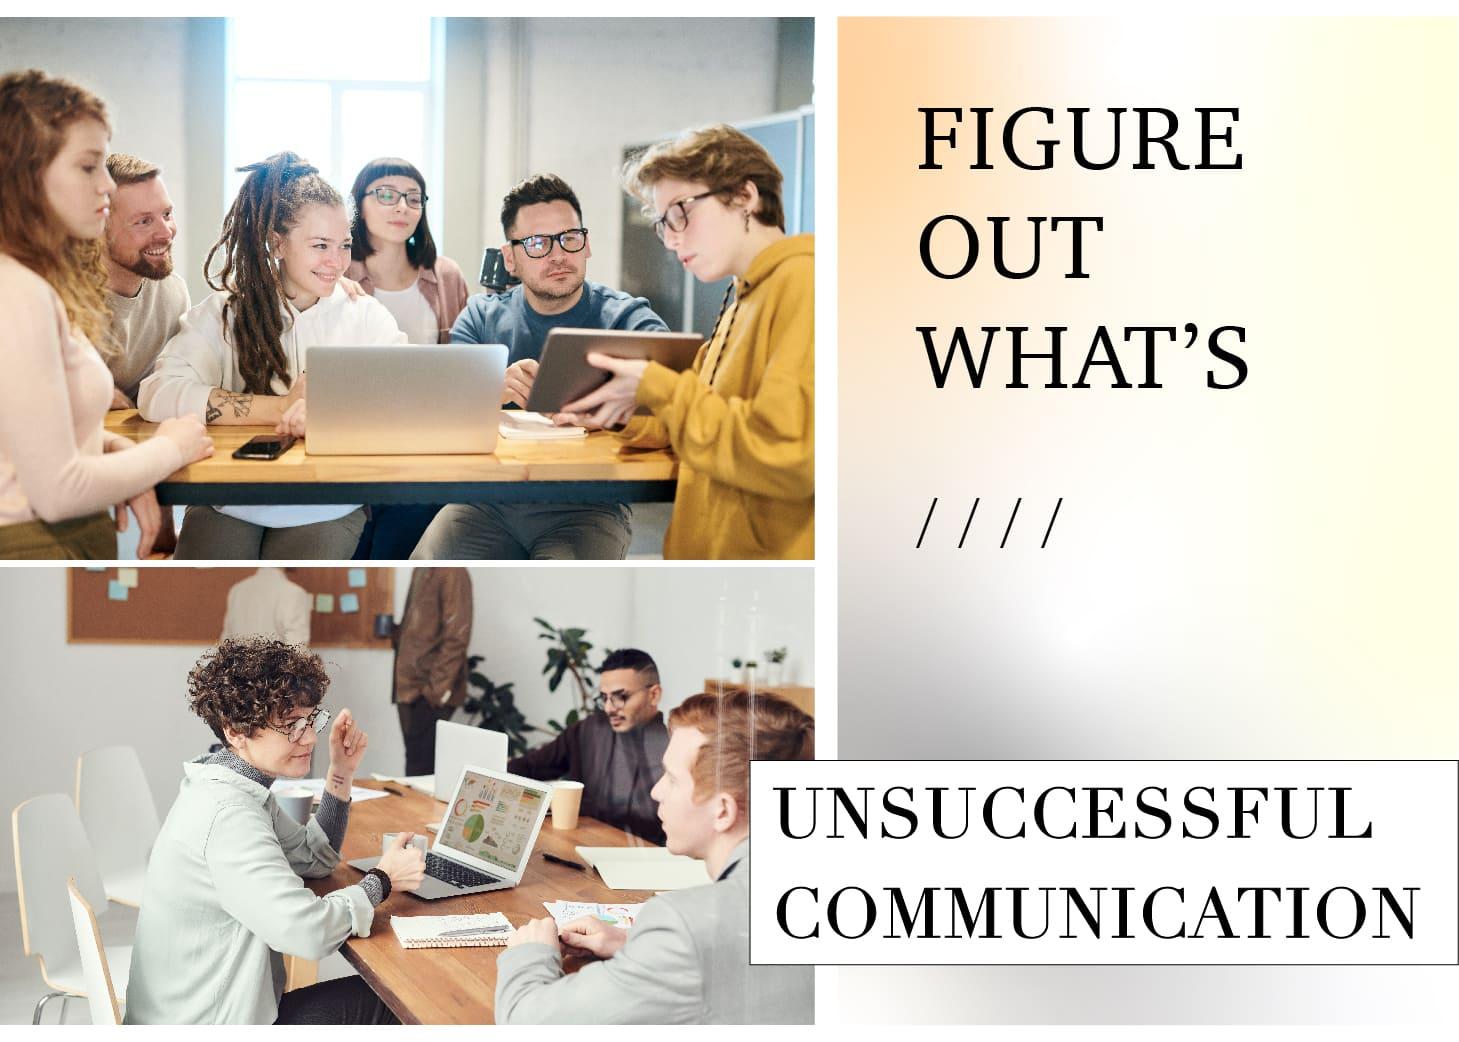 職場人際關係斷捨離 從拒絕「無效社交」開始Figure Out What's 'Unsuccessful Communication'